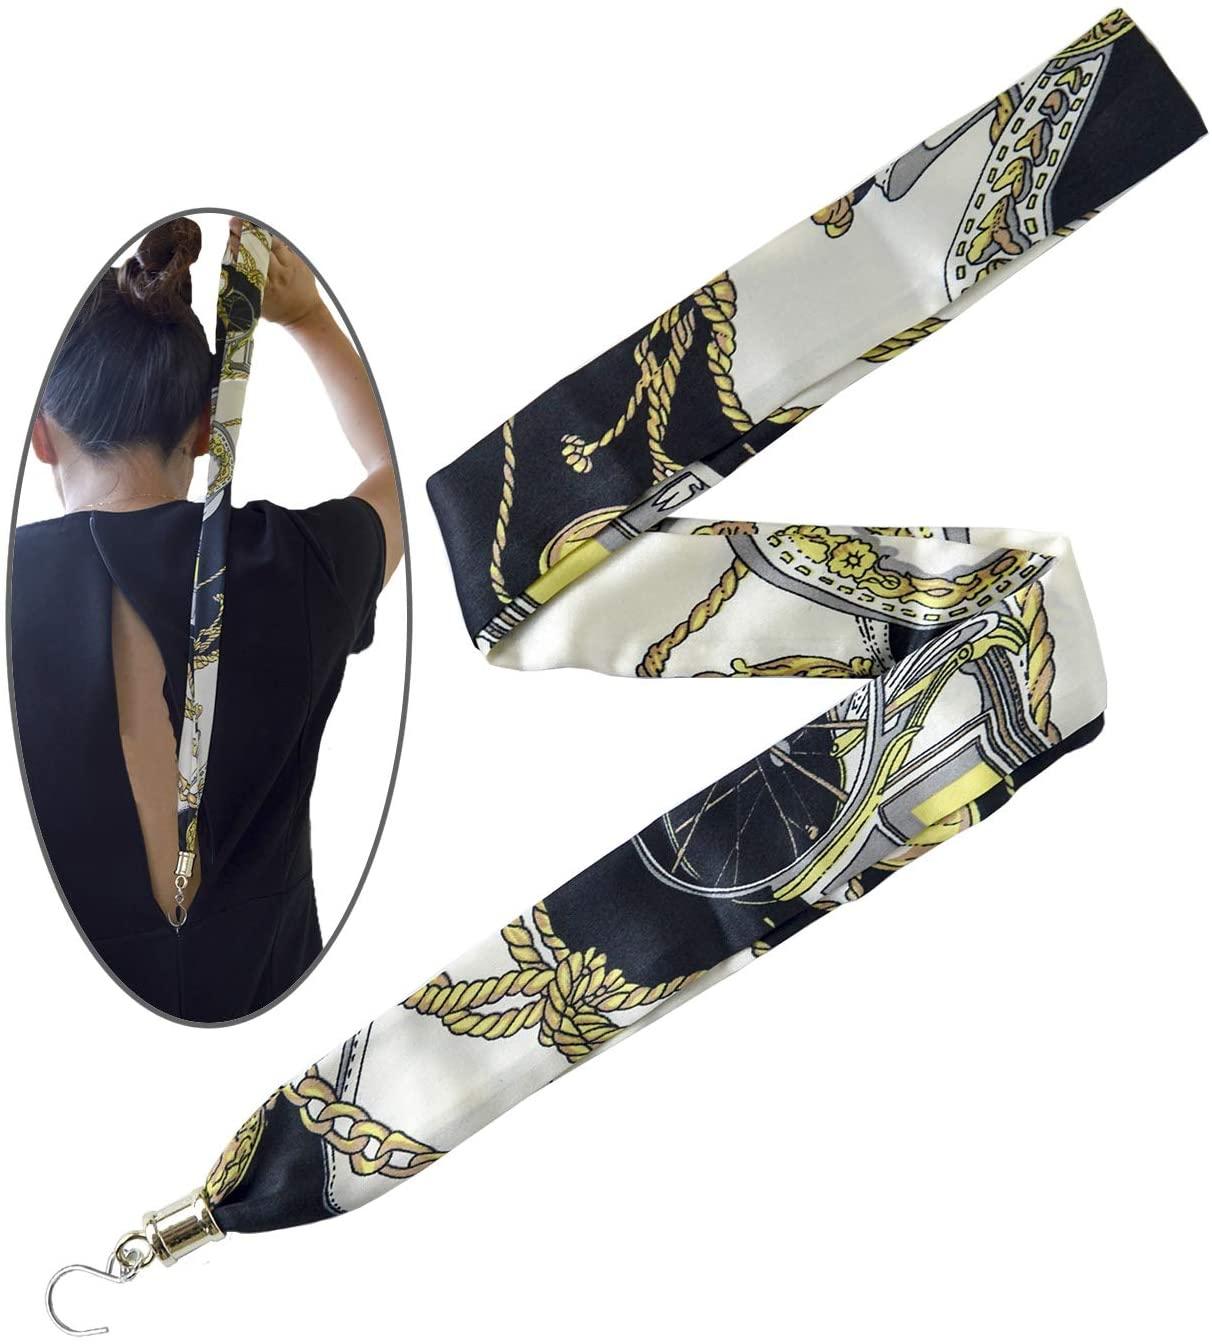 Zipper Puller for Dress Zipper Helper Dresses Zip Up Pulls Unzip Aid Tool Zipping and Unzipping Help